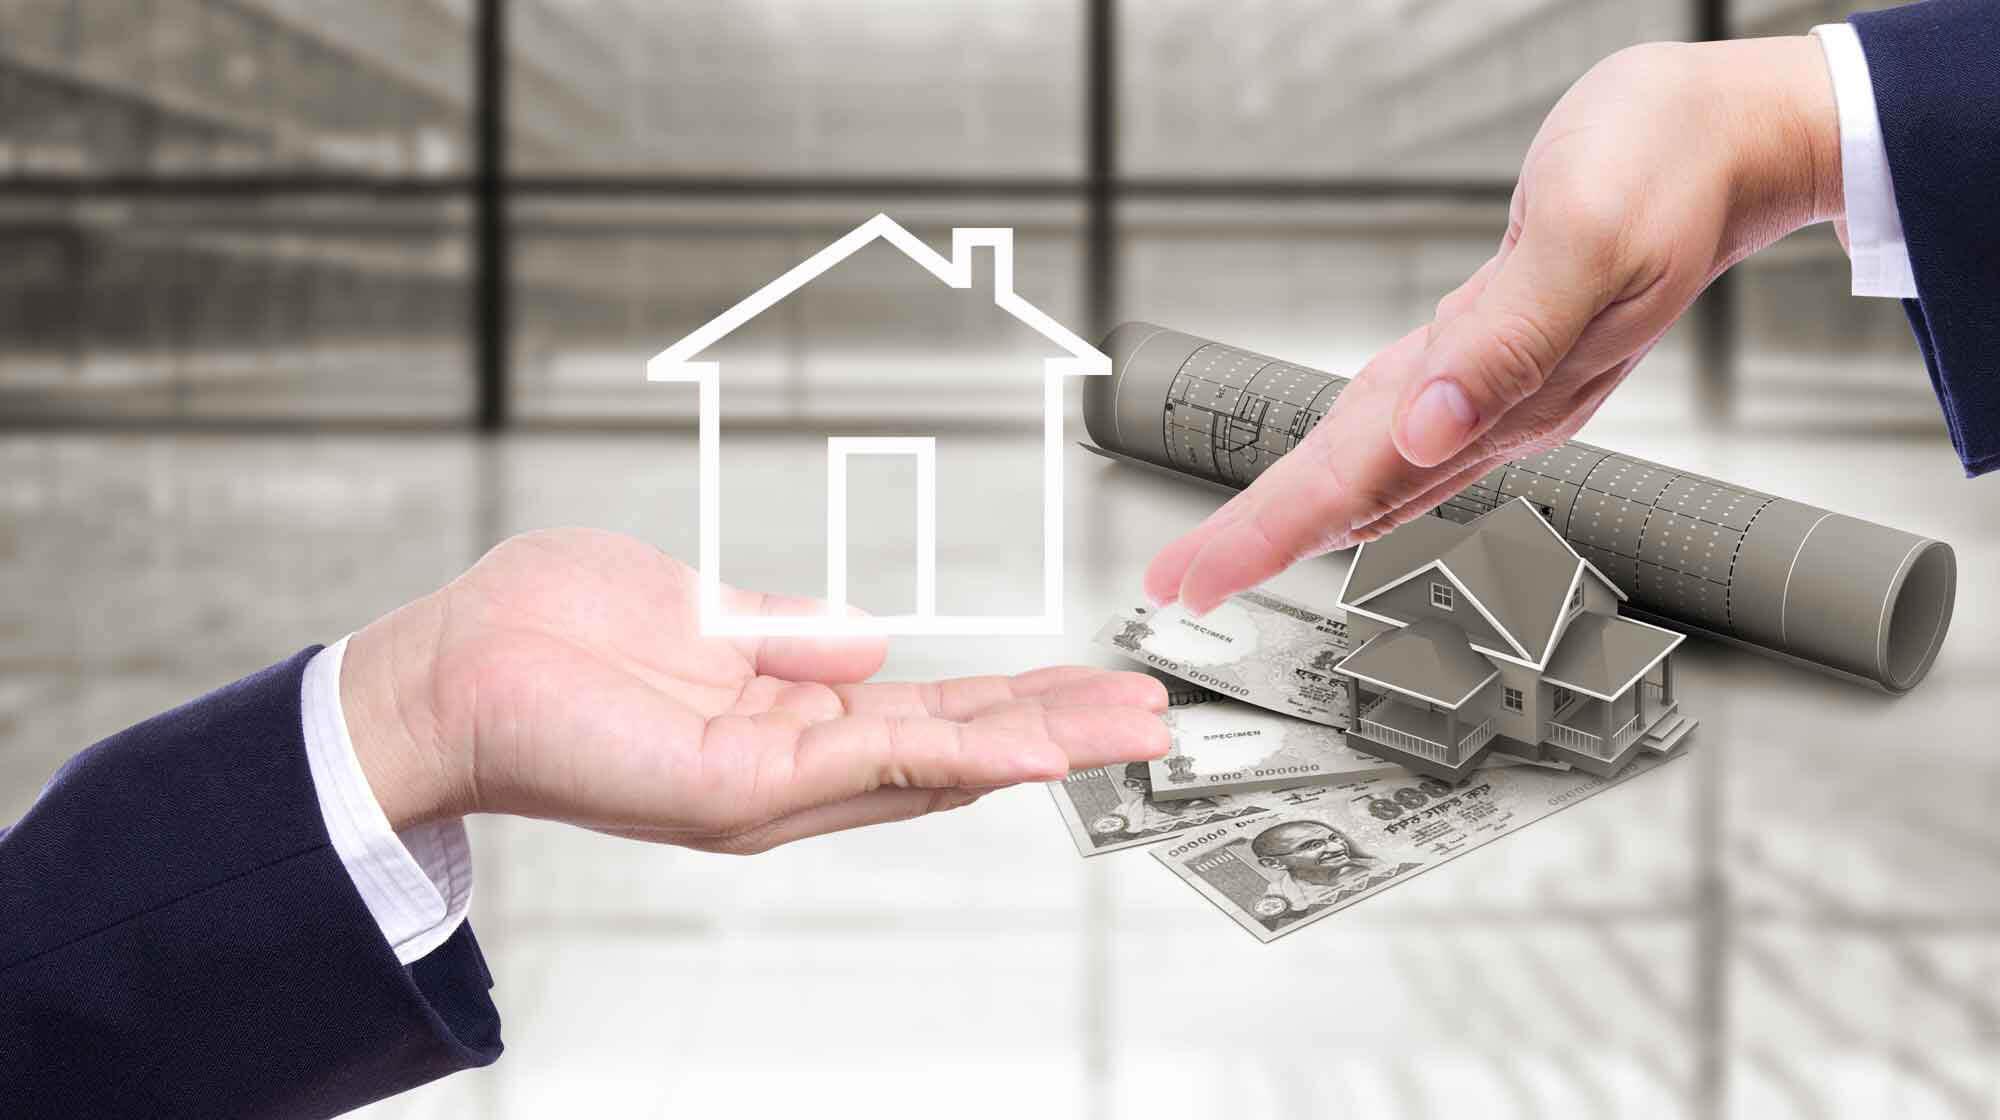 恒业贷款 home-loan 如何与银行争取更优惠的房贷利率?|恒业信贷/墨尔本贷款 房屋贷款 重组贷款  转贷 贷款利率 房屋贷款   墨尔本贷款信贷,墨尔本买房房产地产贷款,个人贷款信贷